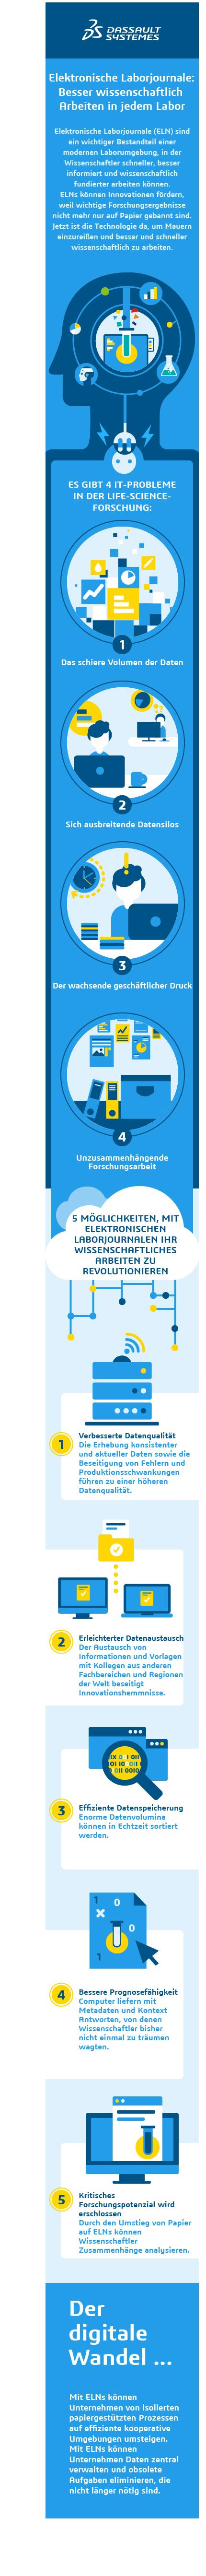 Elektronische Laborjournale > Besser wissenschaftlich Arbeiten in jedem Labor > Dassault Systèmes®